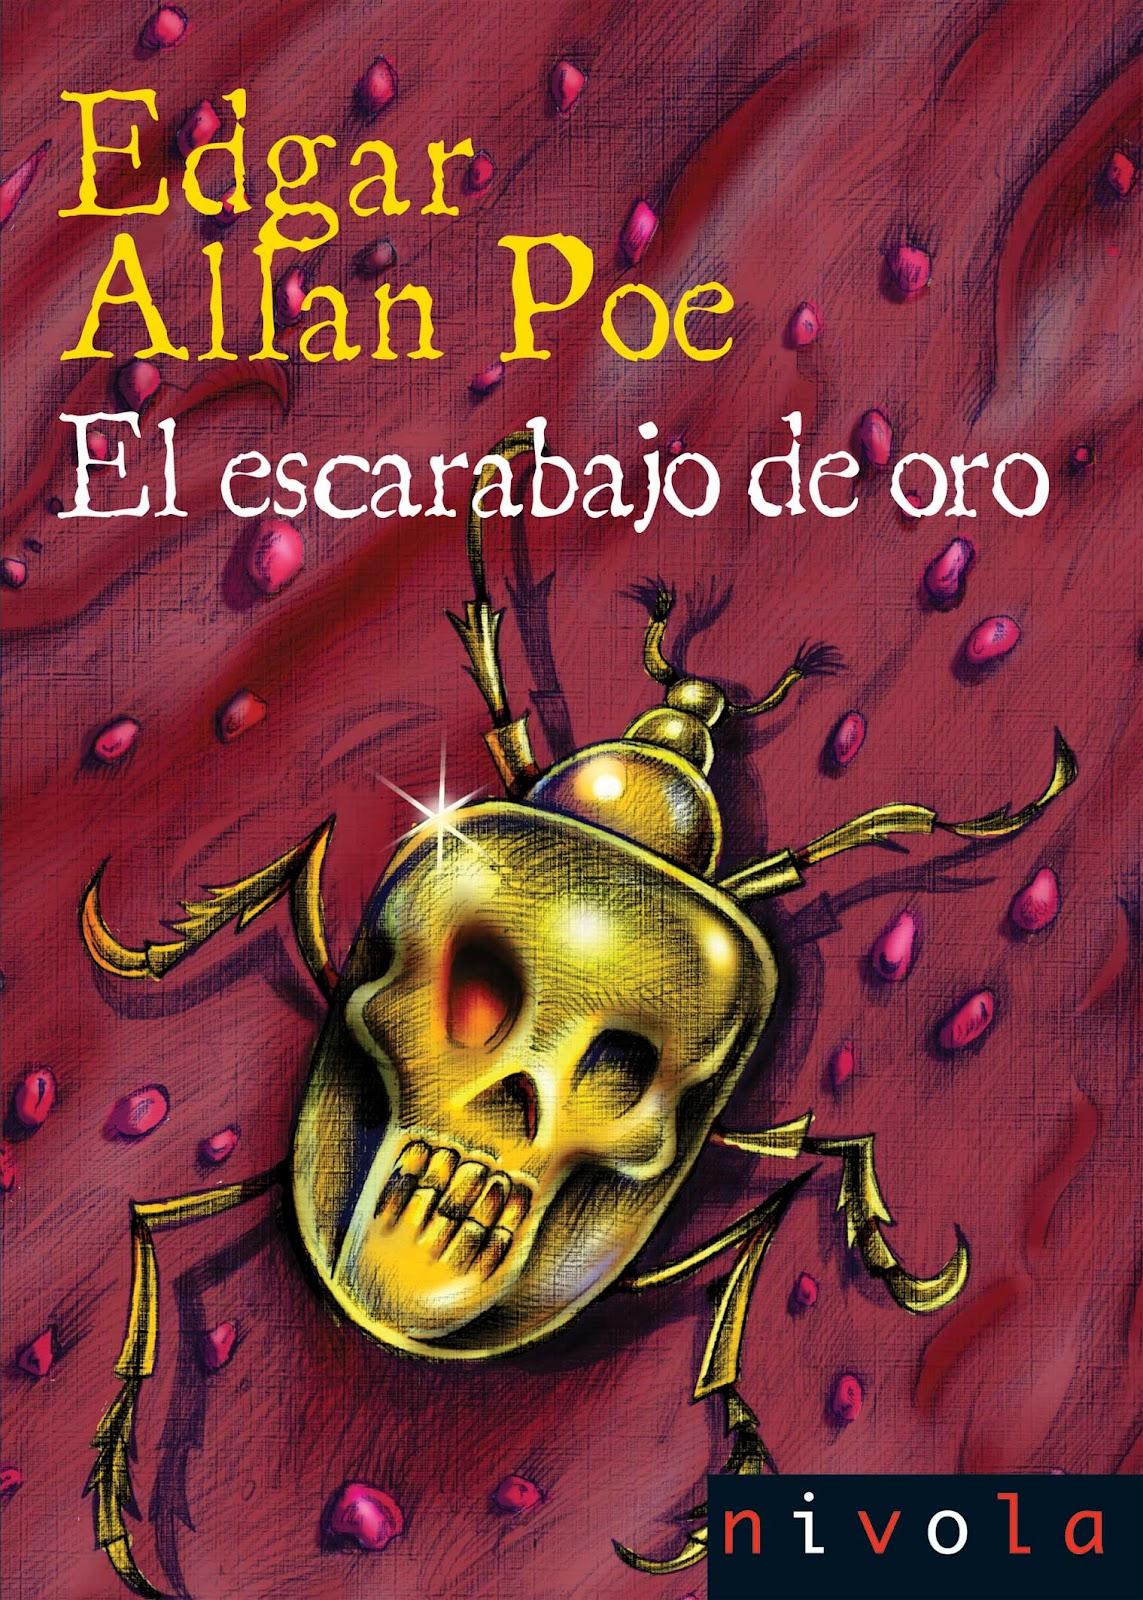 Descargar El Escarabajo De Oro, Edgar Allan Poe, Epub ... @tataya.com.mx